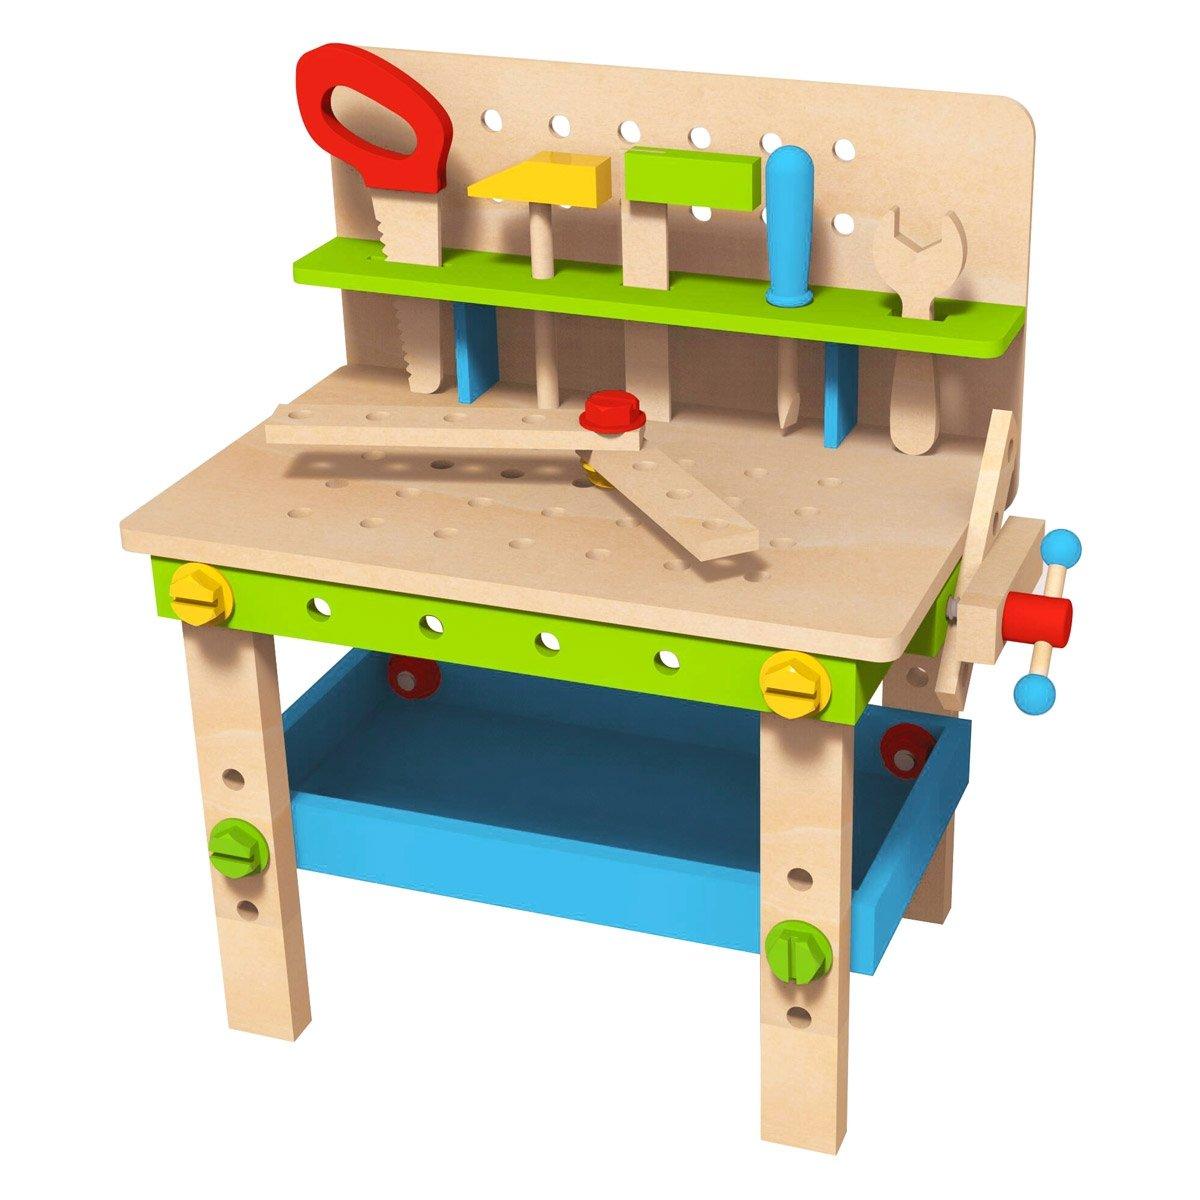 Złota rączka - warsztat, zestaw narzędziowy dla chłopców